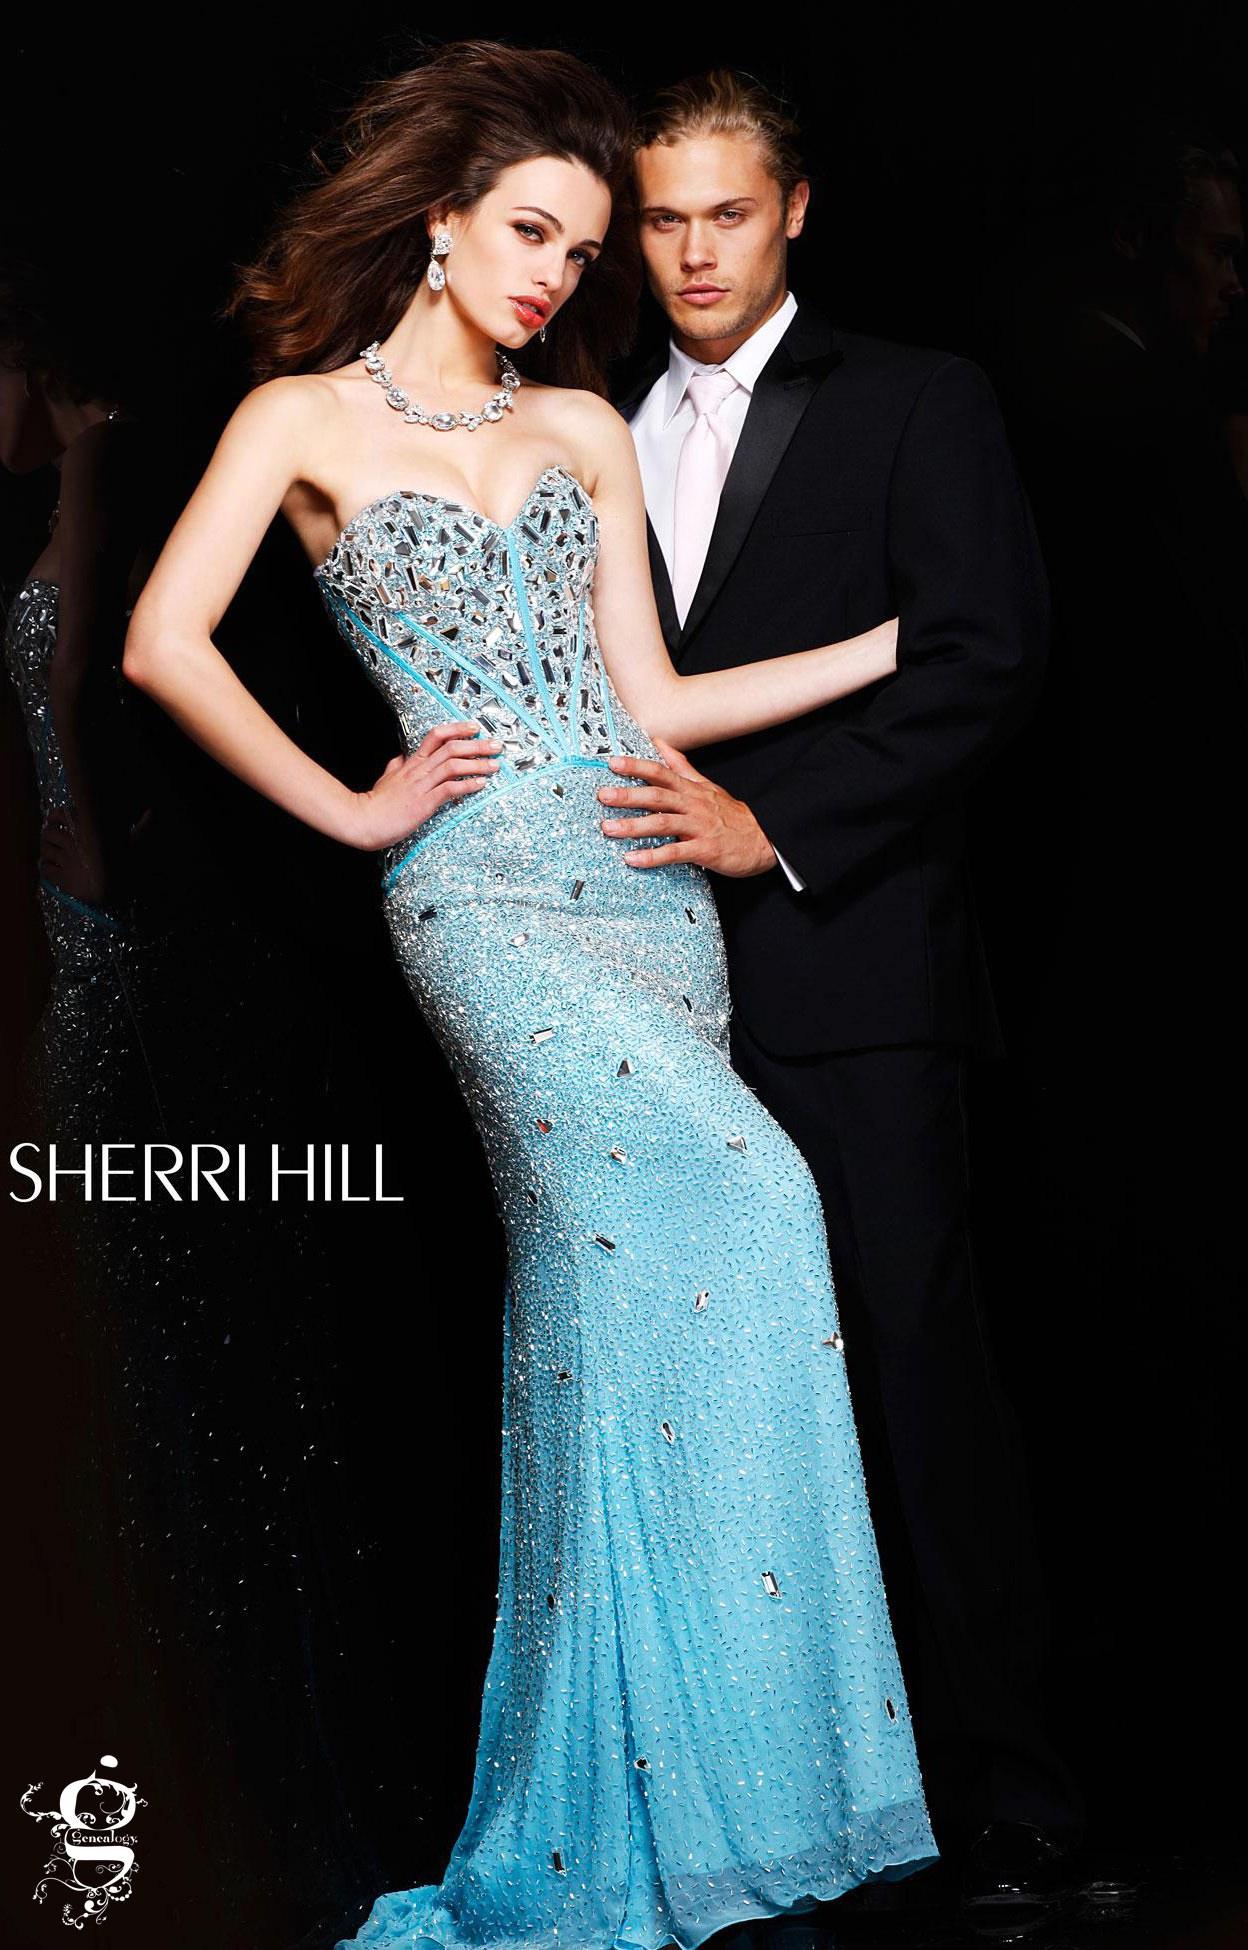 Sherri Hill 1435 - The Fashionista Prom Dress